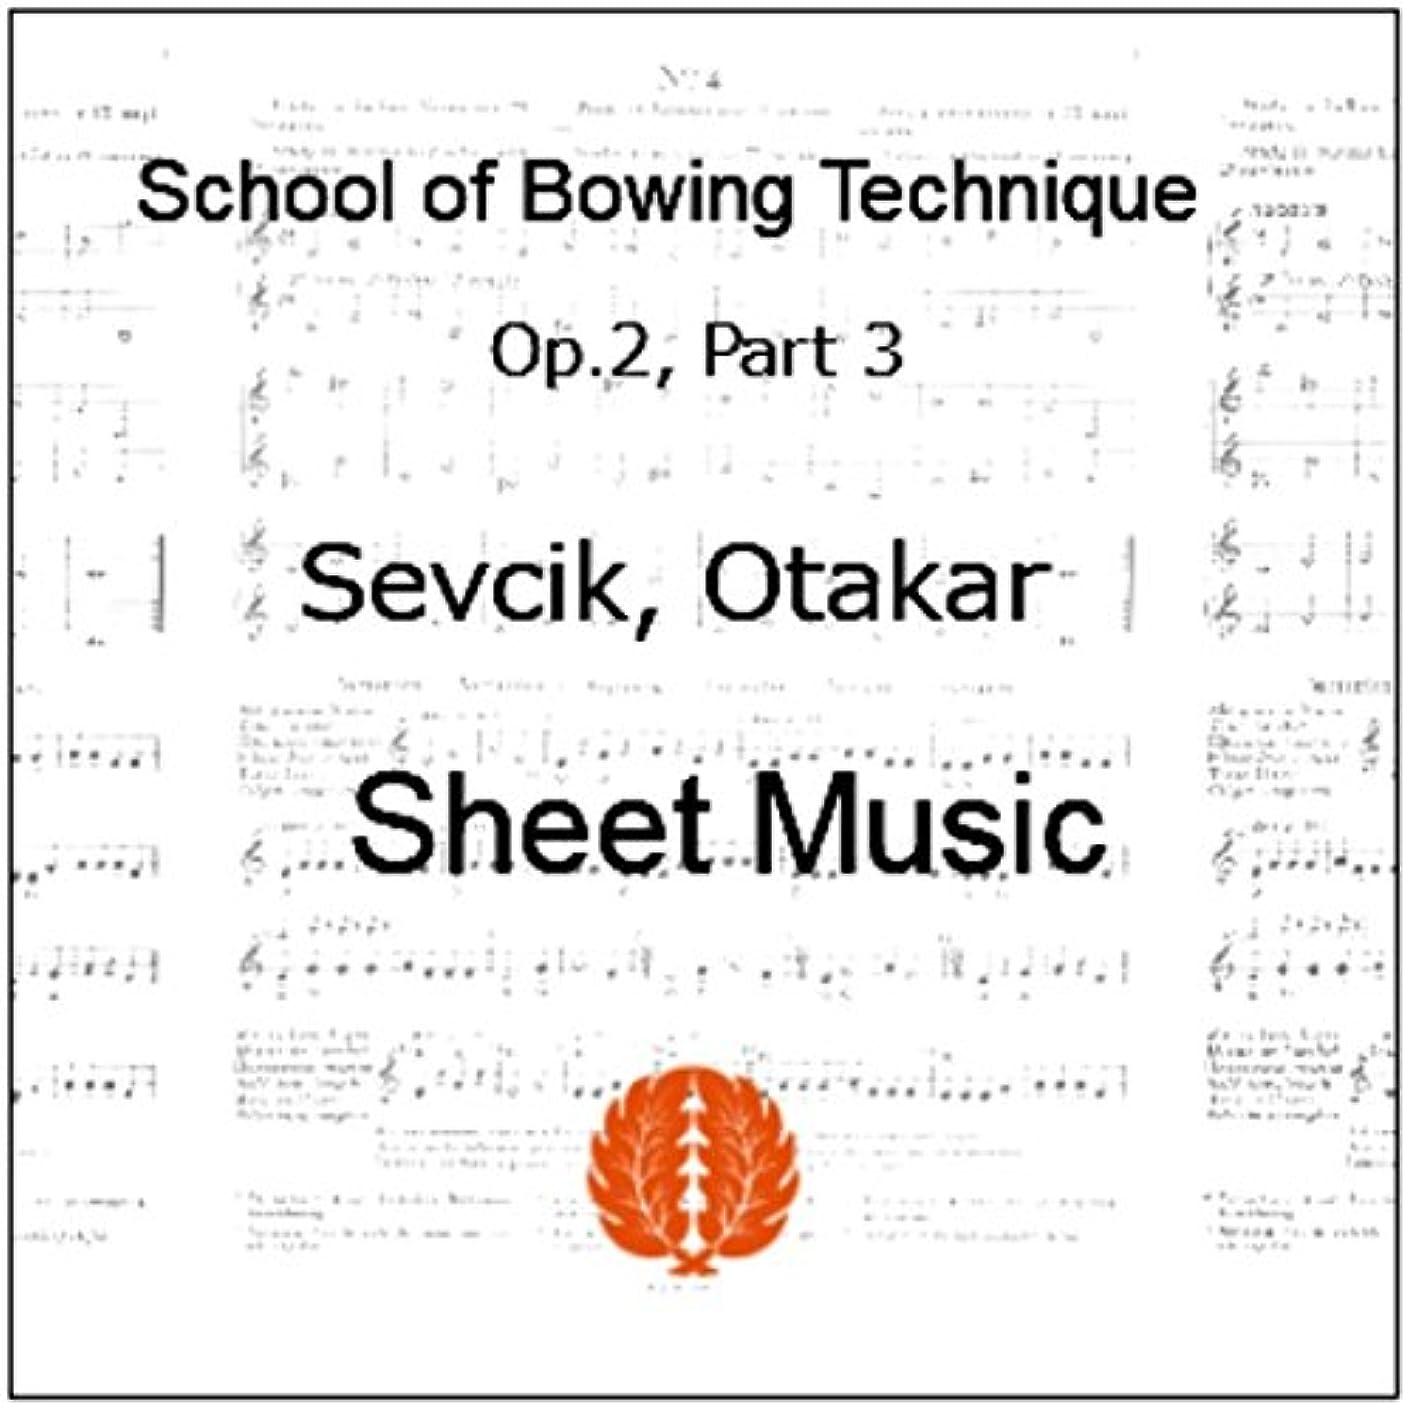 セヴシック (セブシック) 楽譜 pdf バイオリン 運弓法教本 Op.2 Part 3